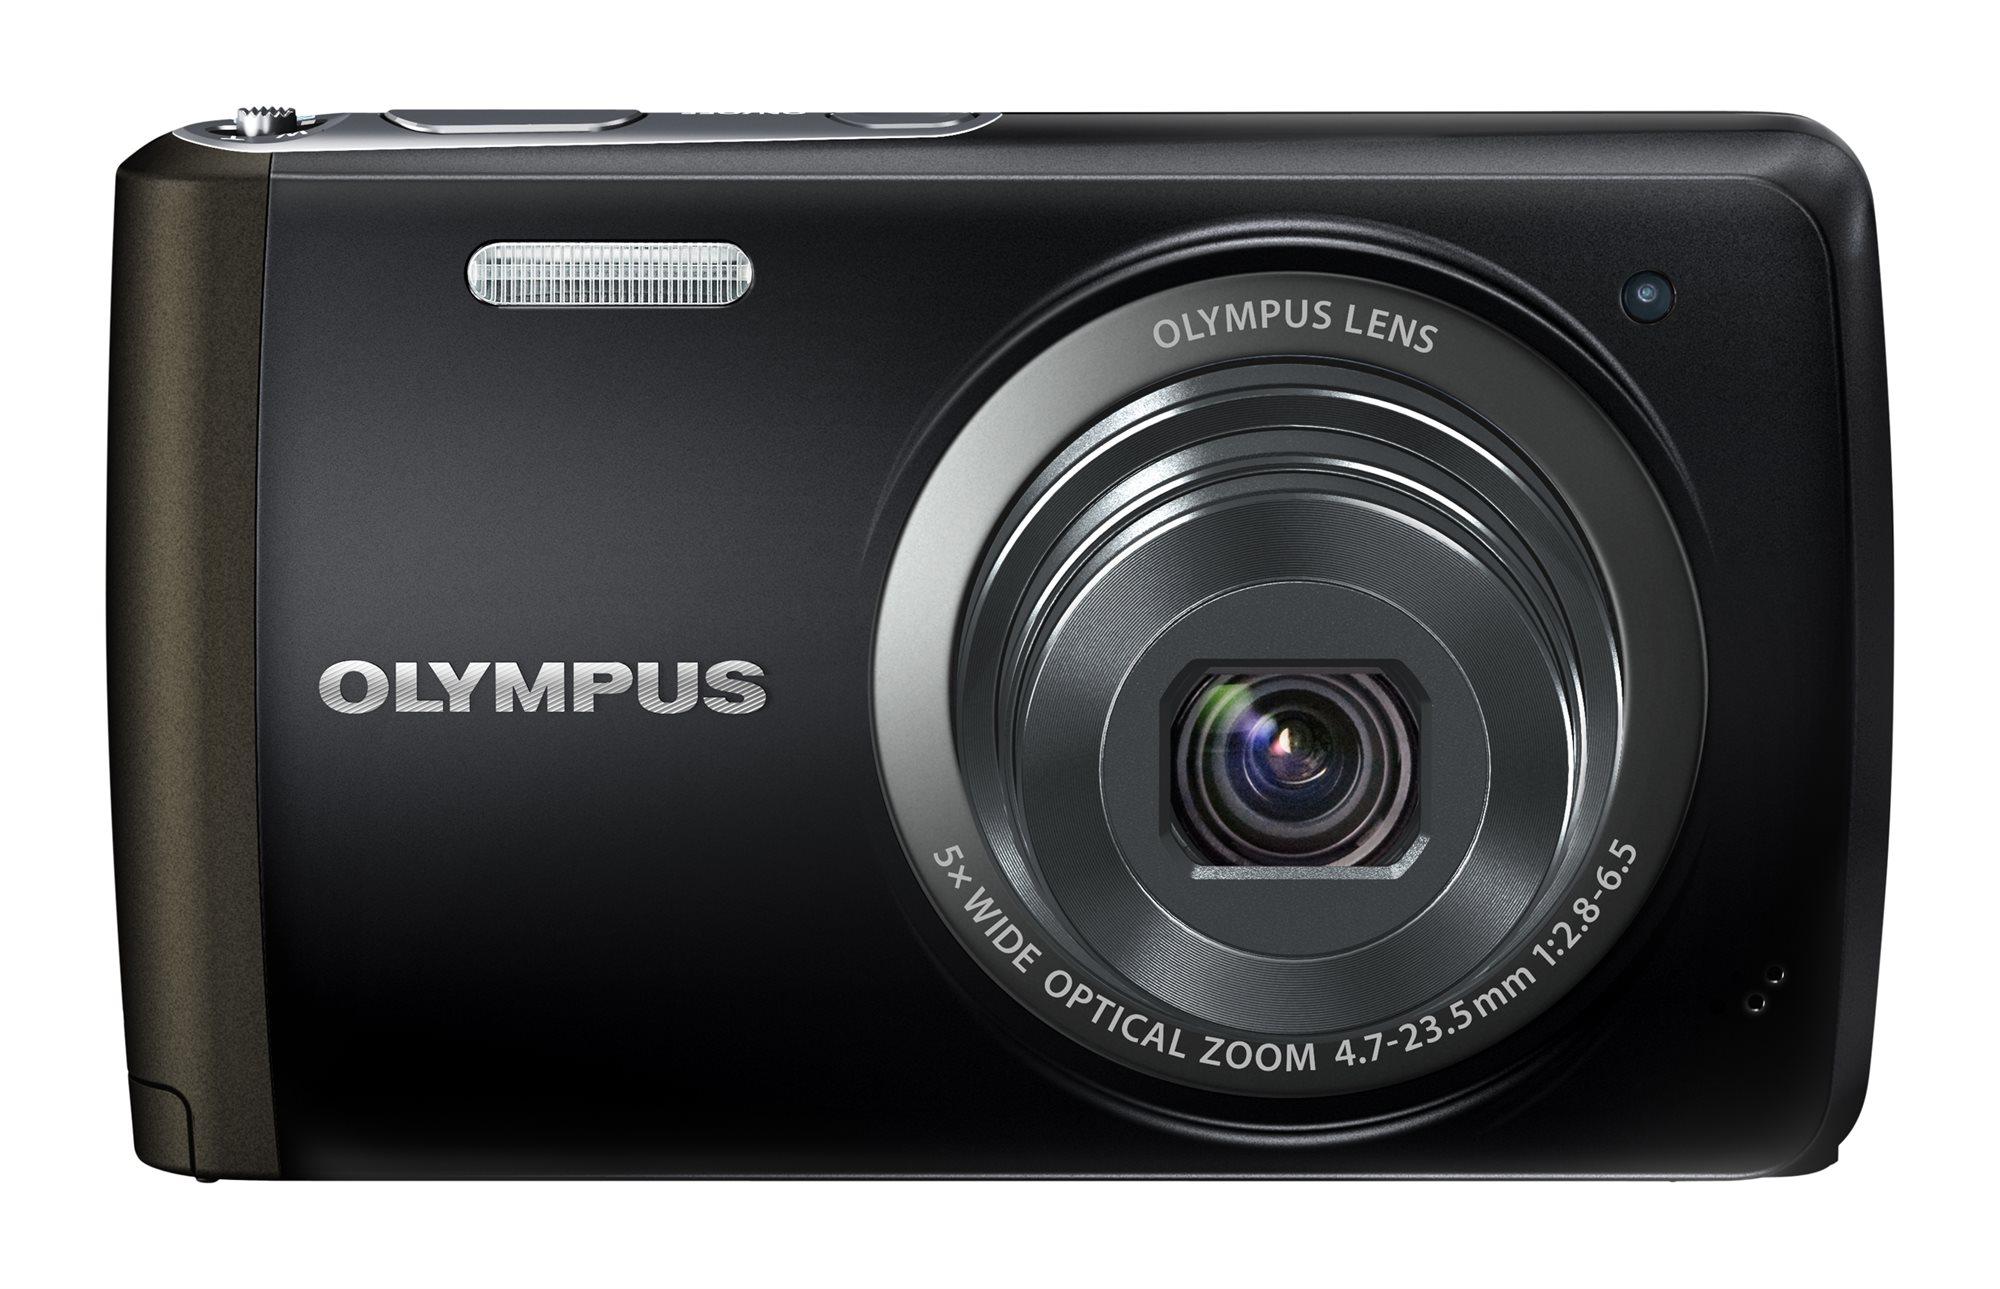 если магазин связной каталог фотоаппаратов олимпус начали